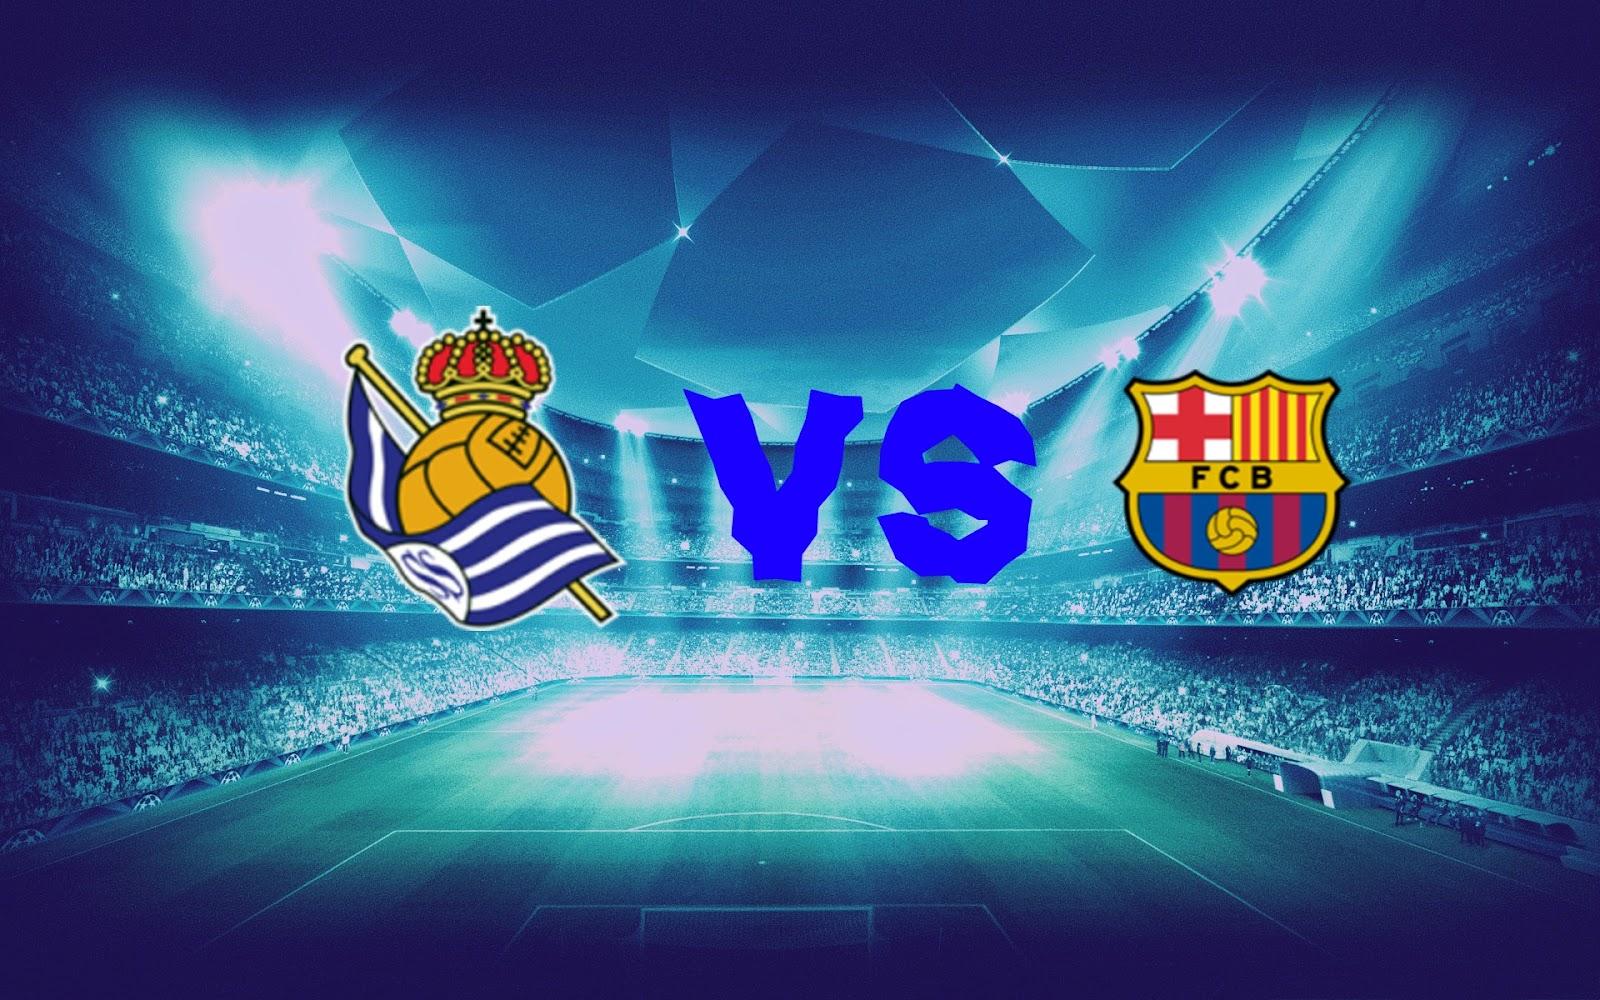 نتيجة مباراة برشلونة وريال سوسيداد اليوم 15-08-2021 الدوري الأسباني